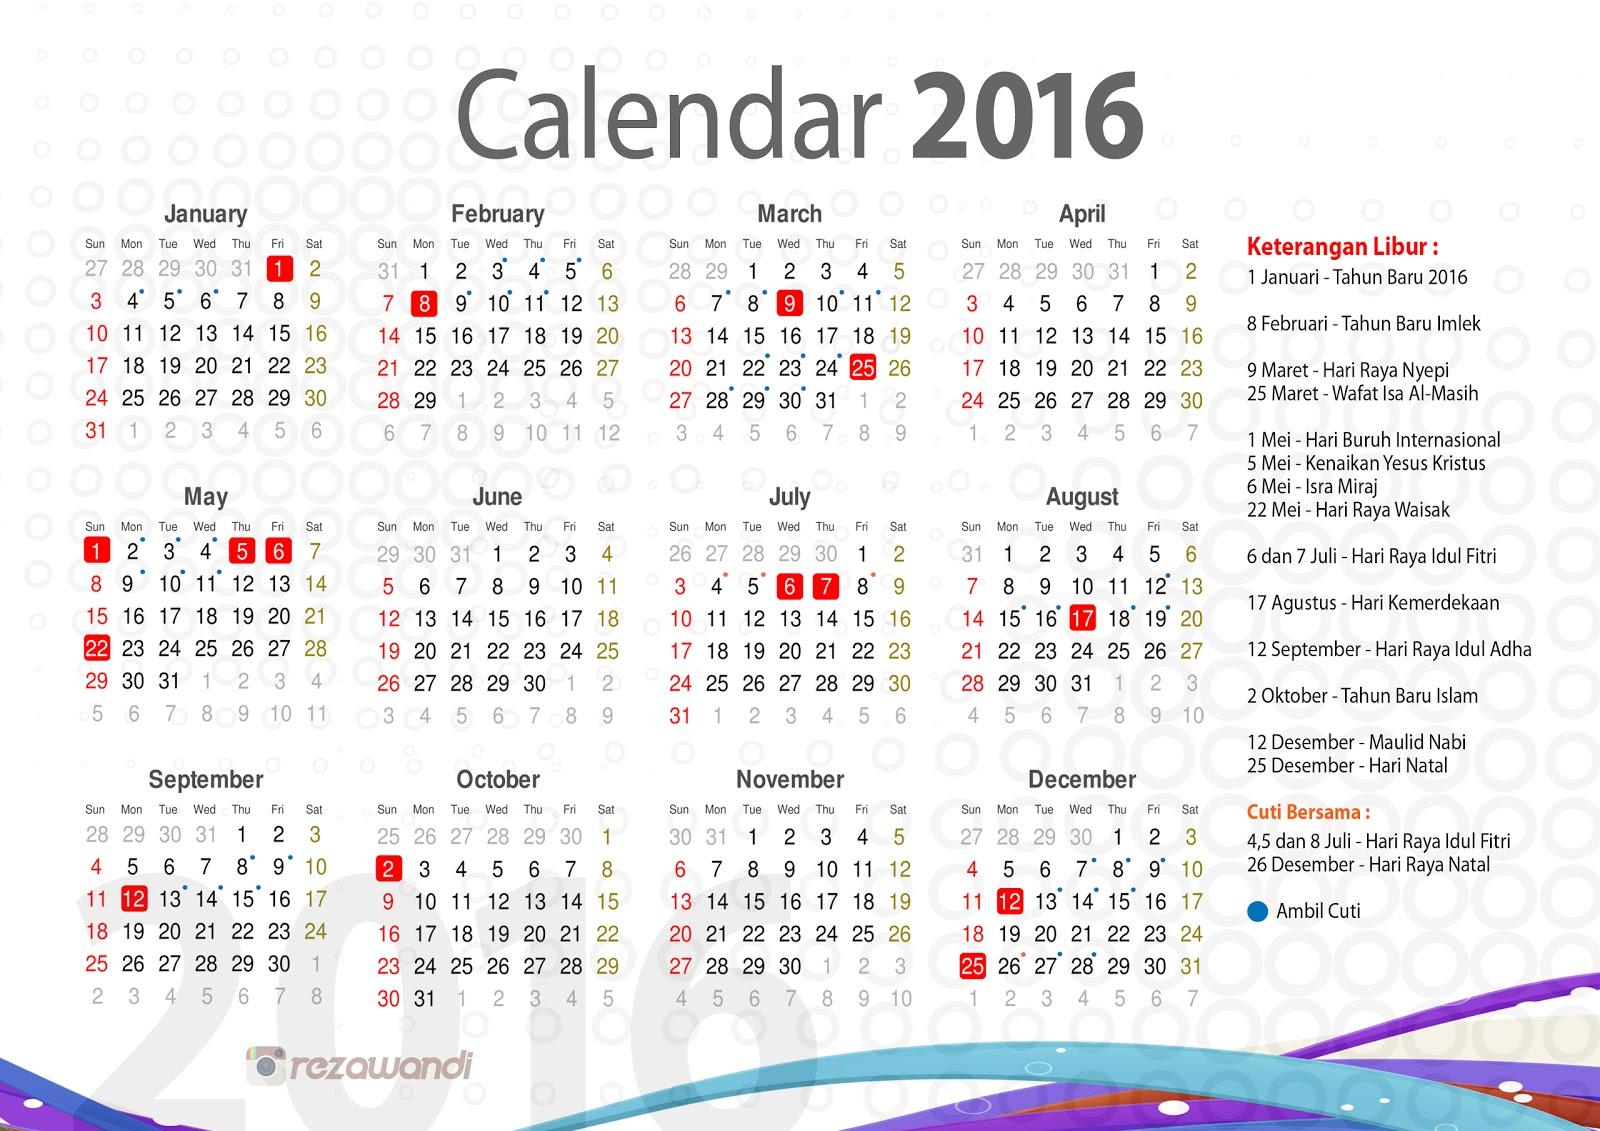 Lebaran Idul Fitri Tahun 2016 Tanggal Berapa 2016